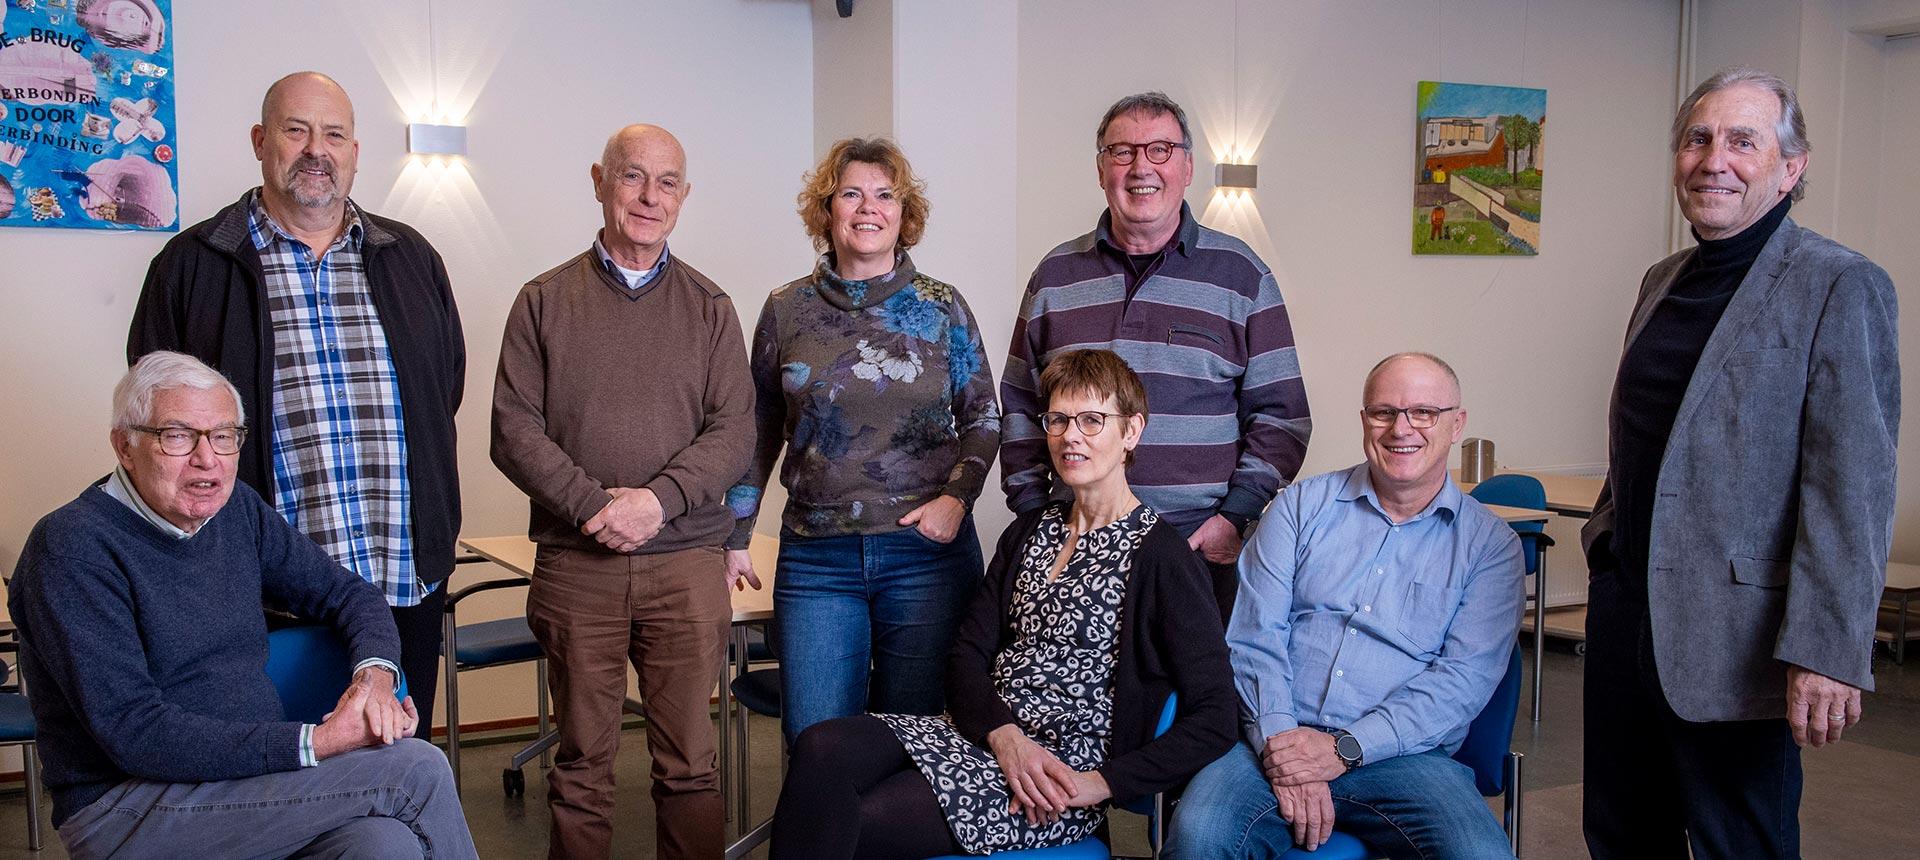 Noordrand 2025 groepsfoto